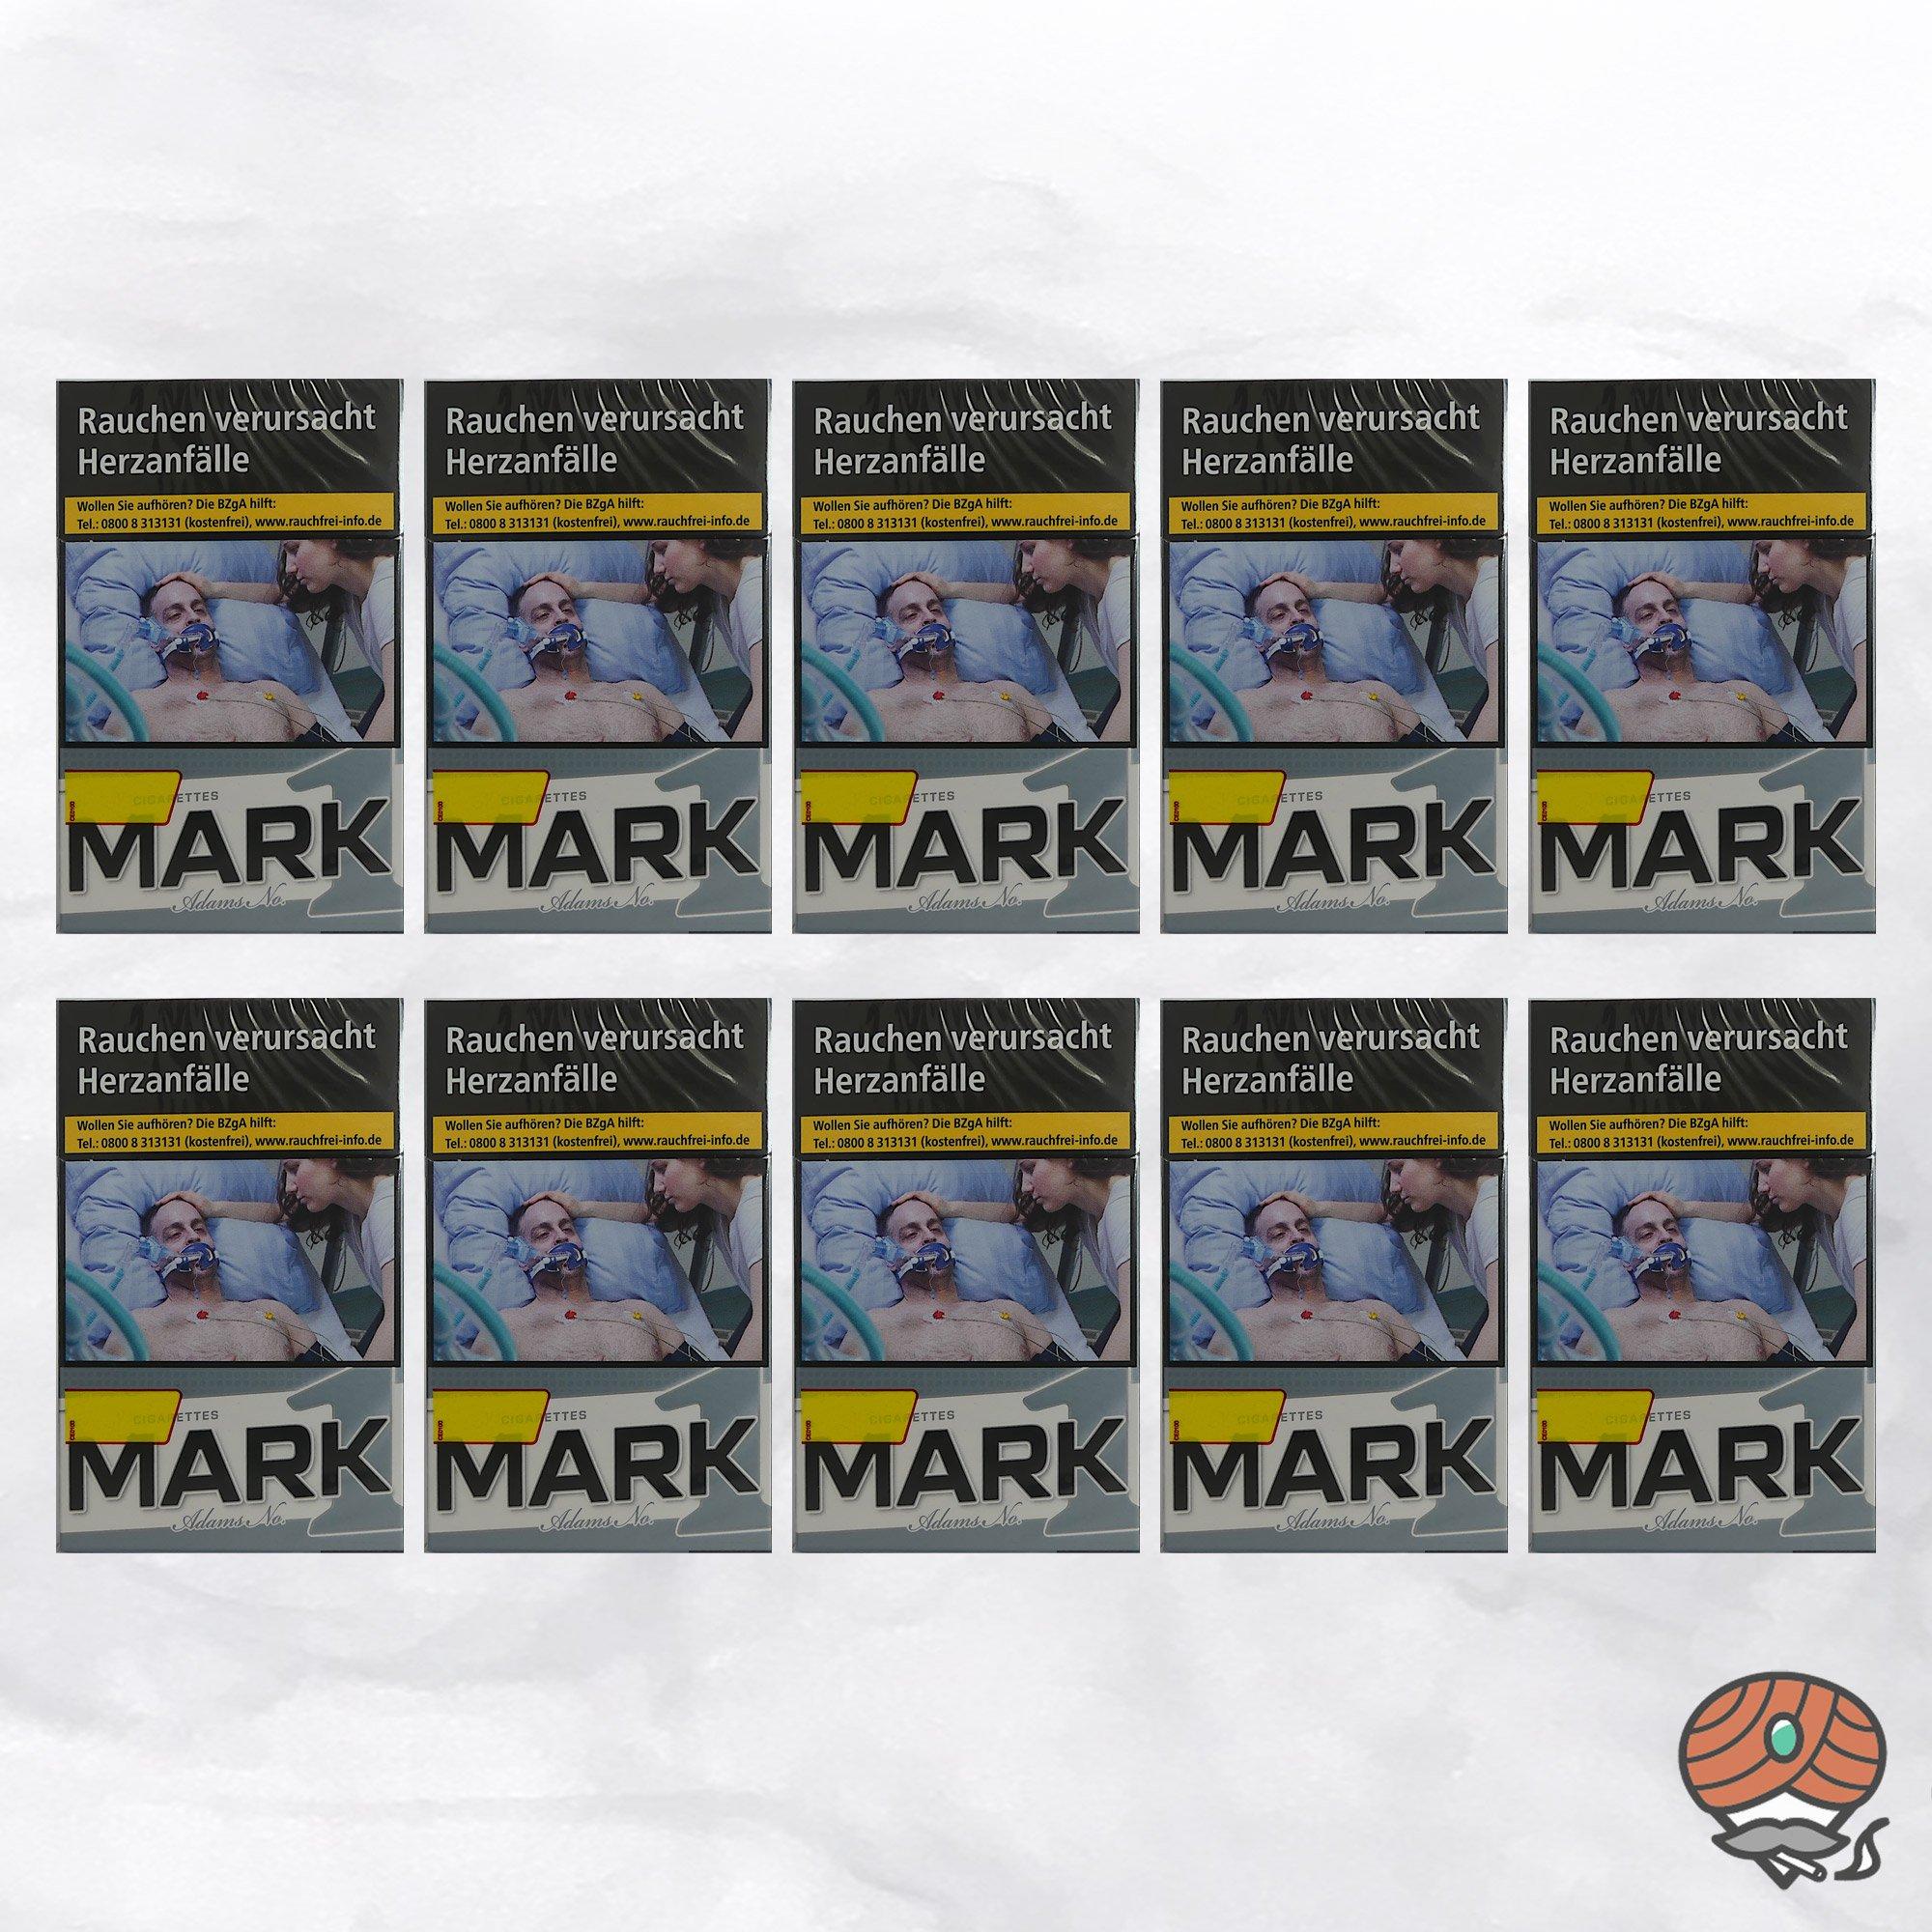 10 x Mark Adams No. 1 / Mark1 Original Silver Zigaretten - 1 Stange à 20 Stück